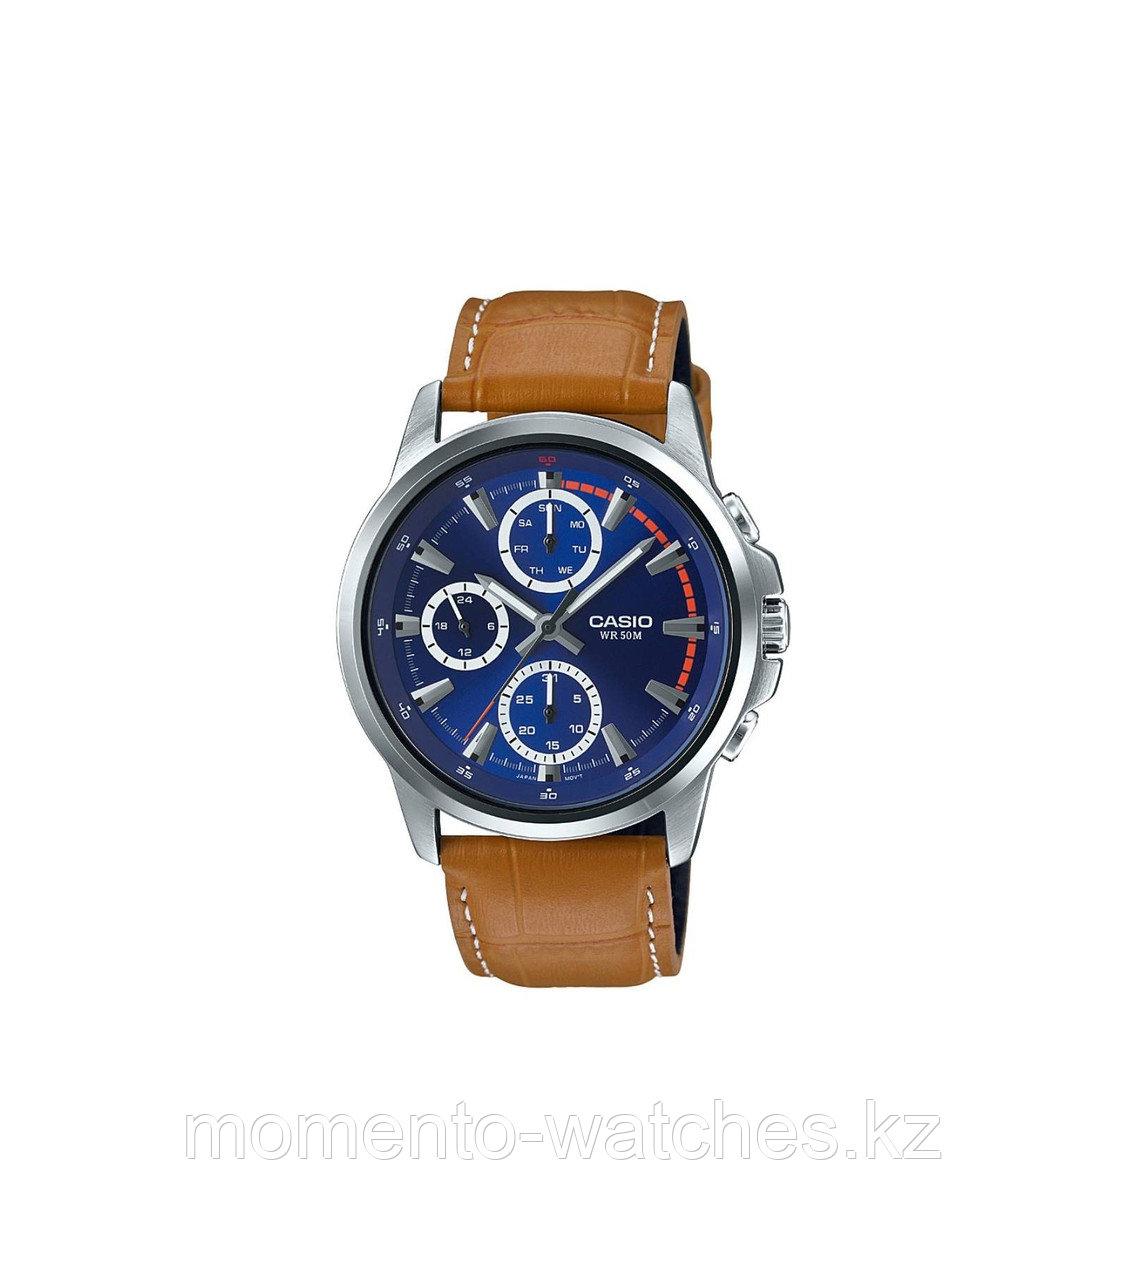 Мужские часы Casio MTP-E317L-2AVDF